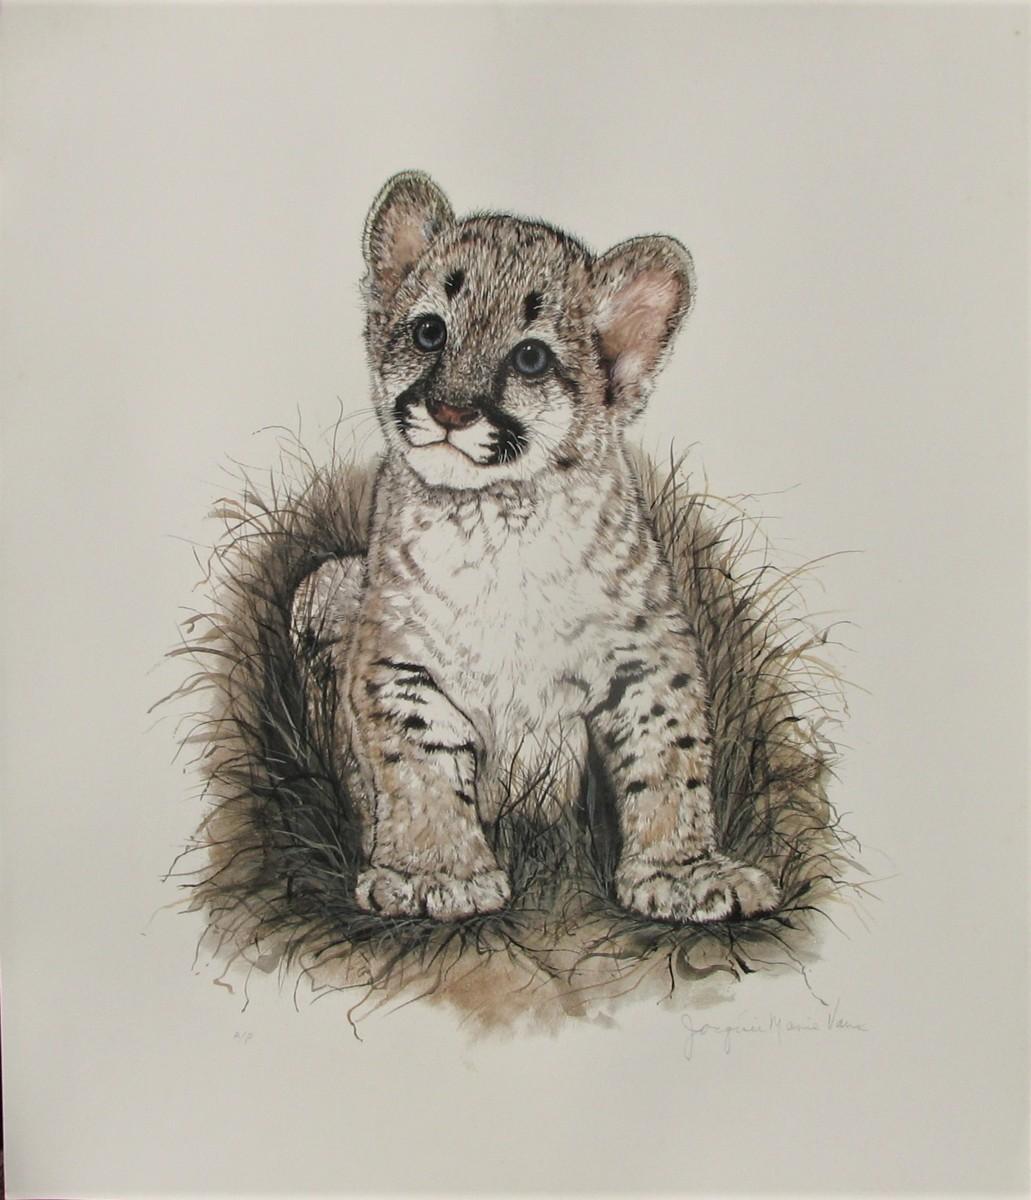 世界最高峰の動物作家,ジャッキーマリーヴォーグ「クーガーカブ」オフセットリト,コレクターさん必見!可愛さ爆発のスーパーヒット作品